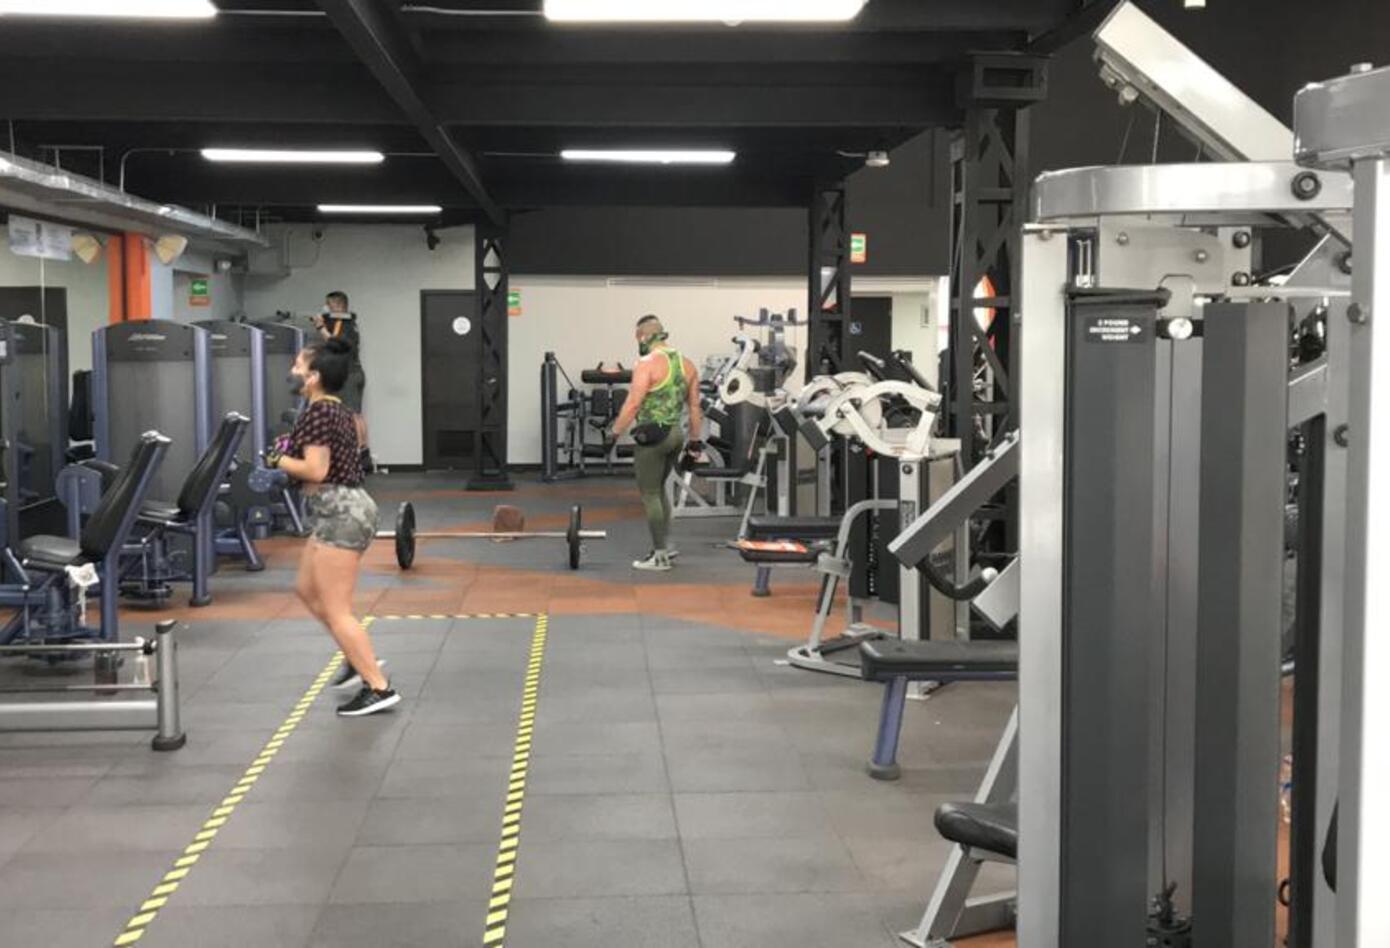 Se debe garantizar la distancia social entre los usuarios de gimnasios.